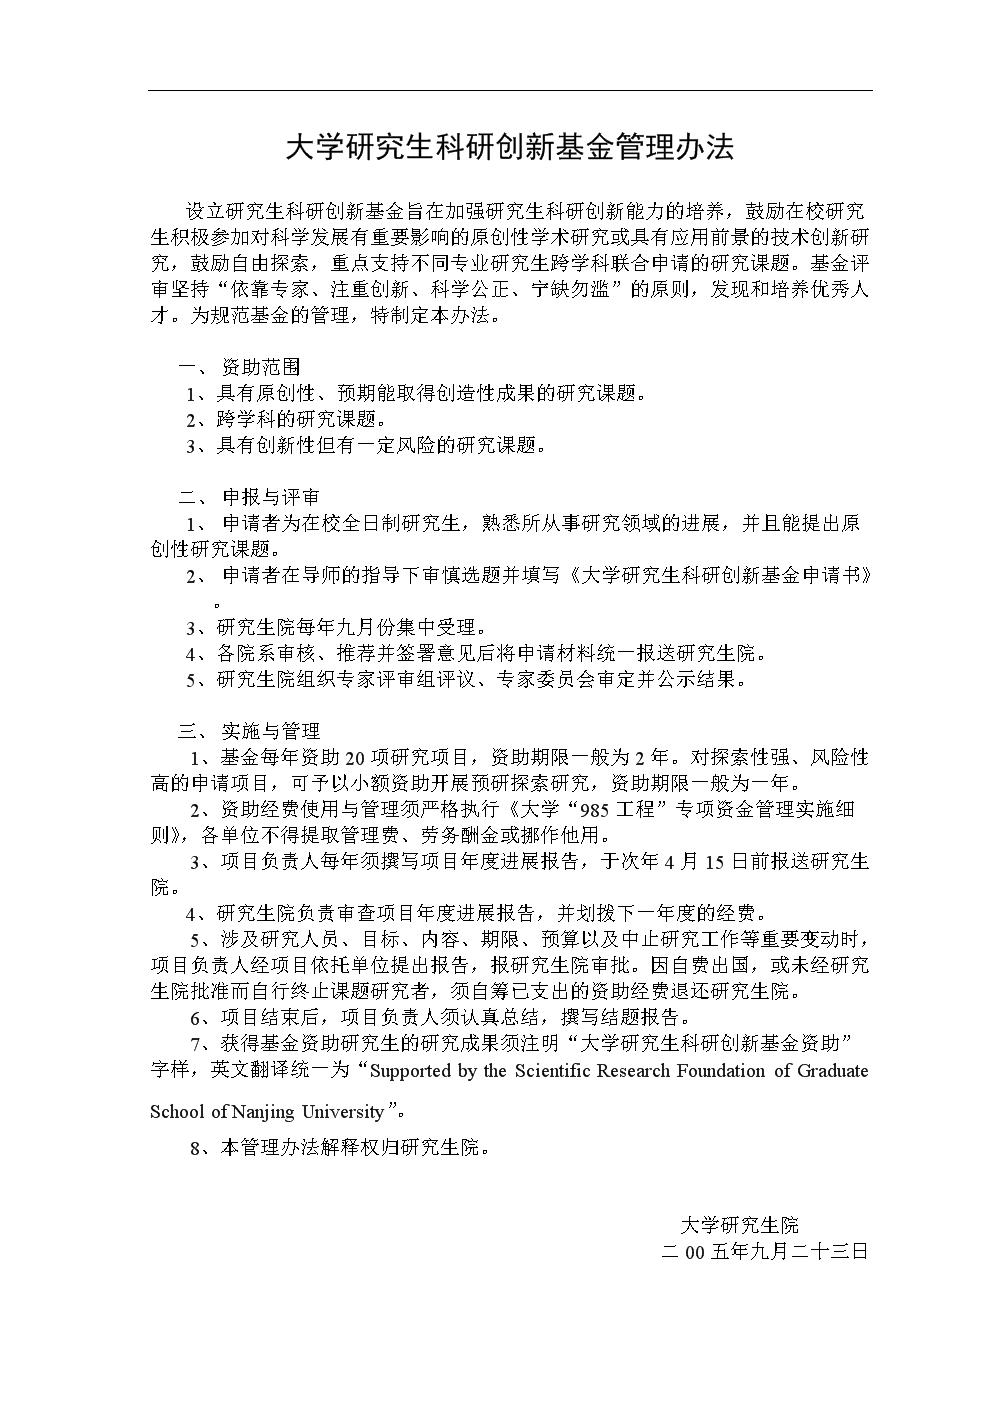 大学研究生科研创新基金管理办法模版.doc